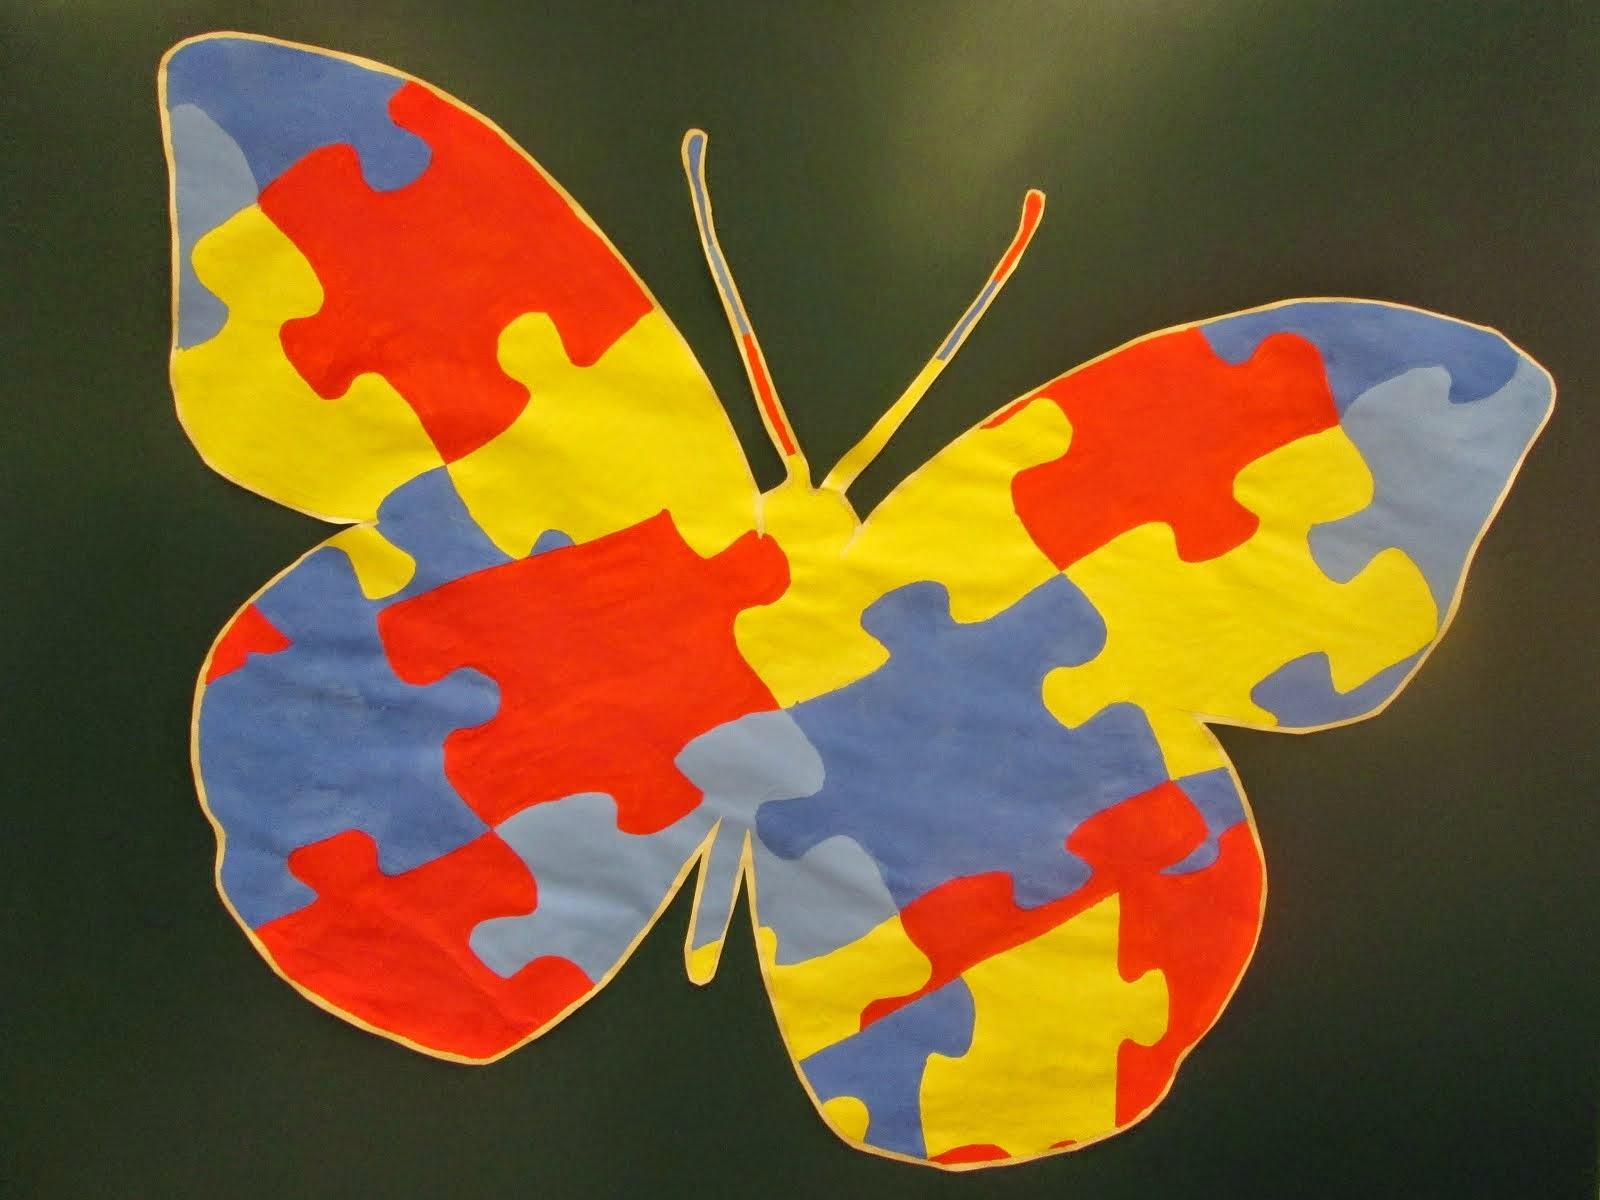 Sabiam que a nossa escola tem uma unidade para crianças com autismo? Sabe o que é o autismo?